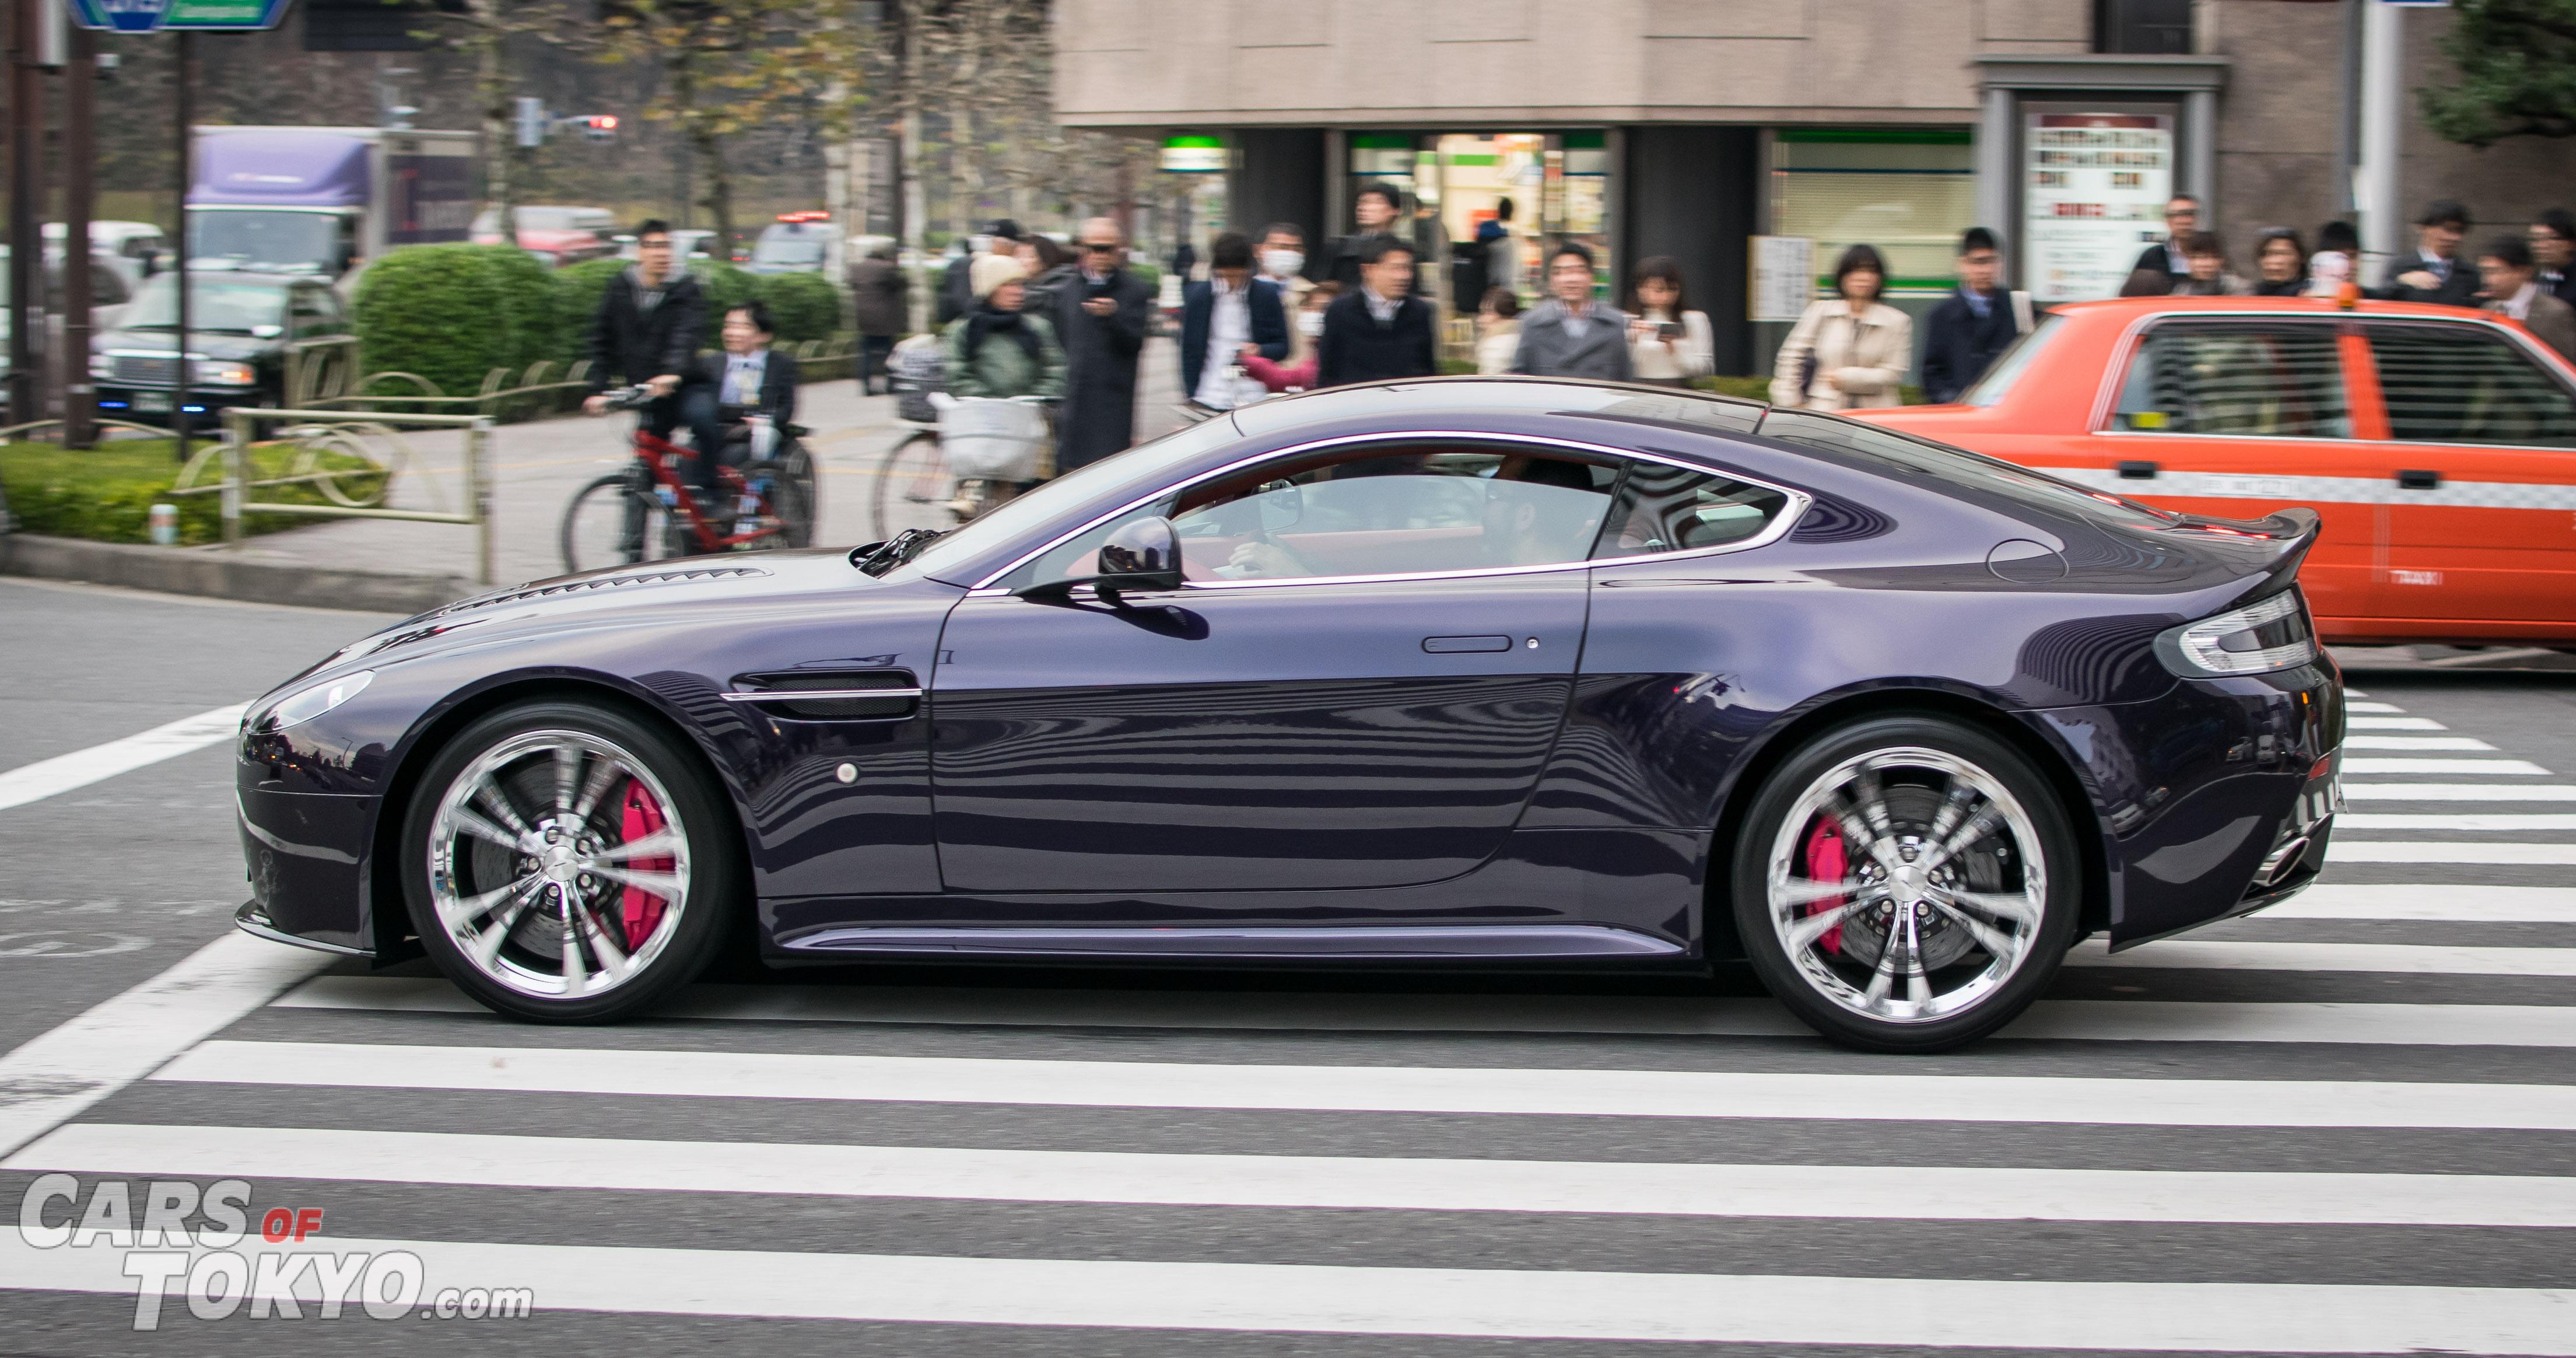 Cars of Tokyo Unusual Spec Aston Martin V12 Vantage